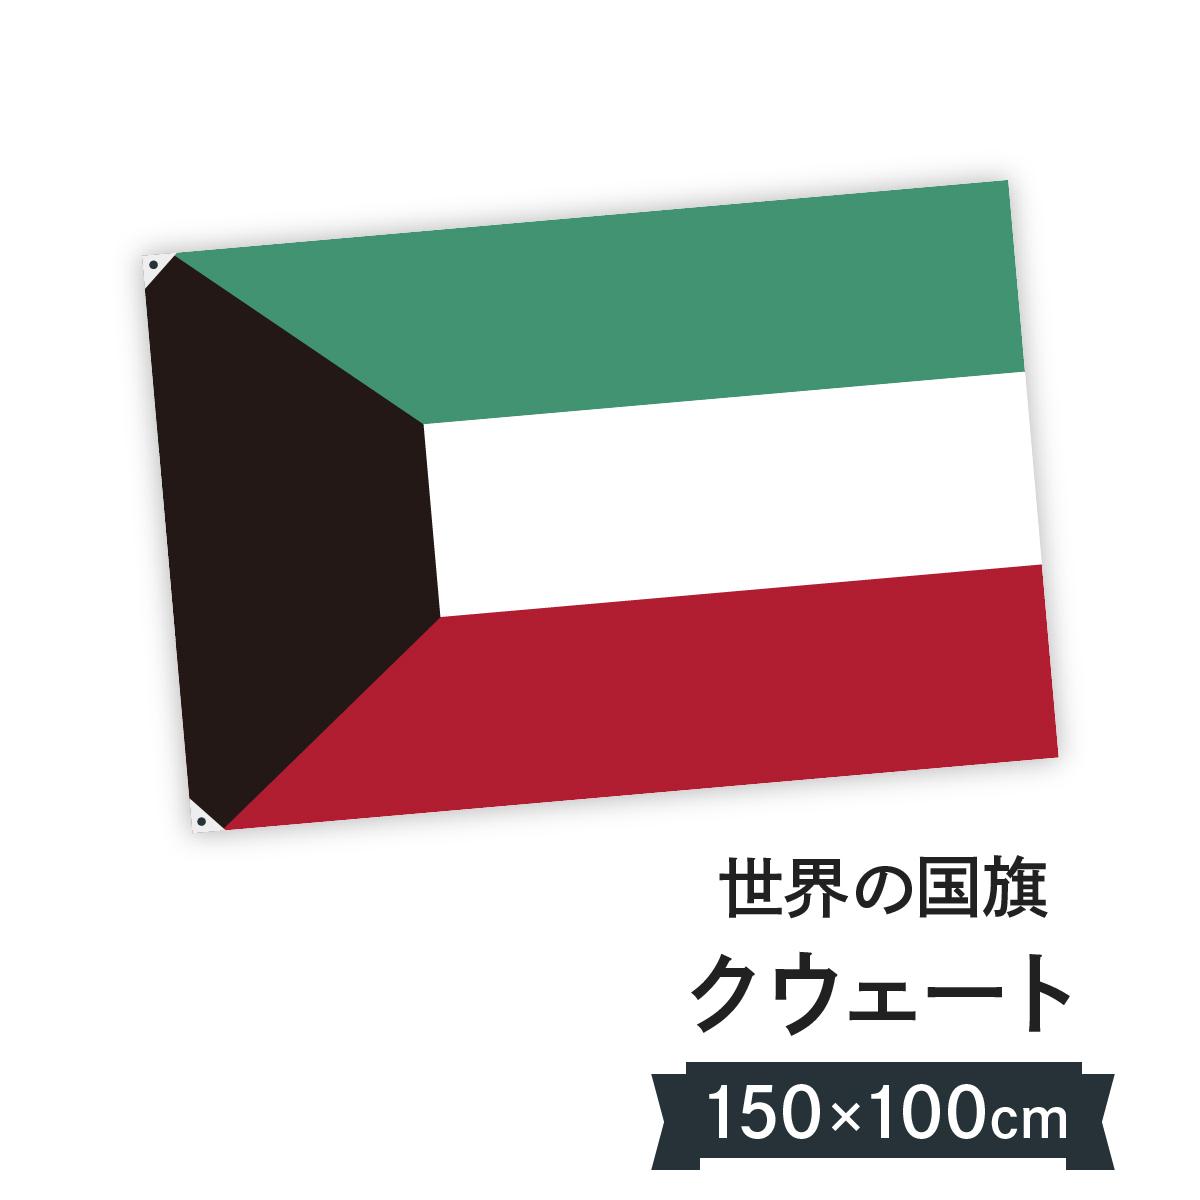 クウェート国 国旗 W150cm H100cm